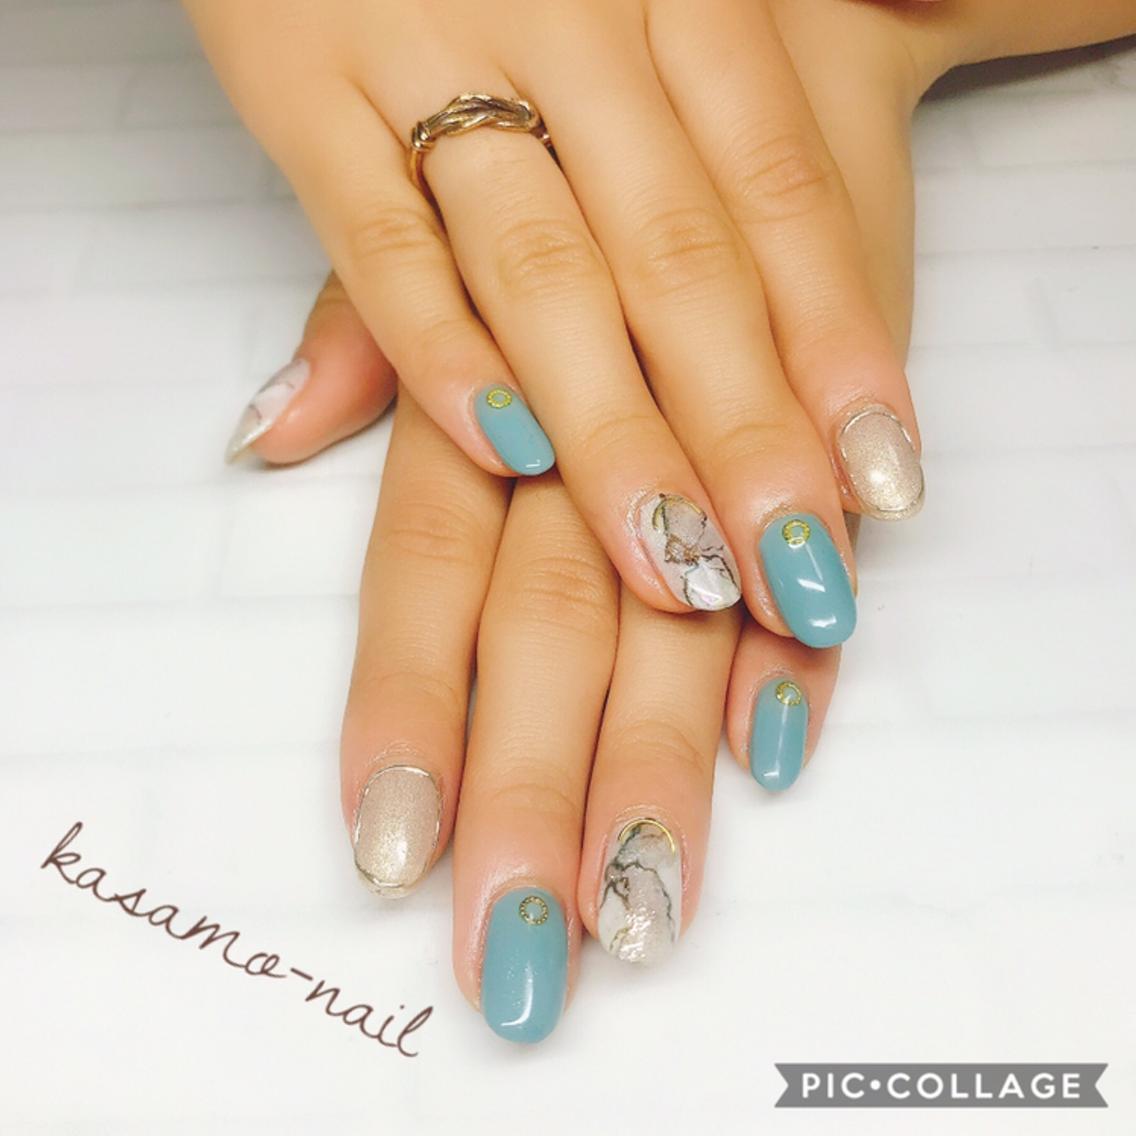 kasamo-nail所属・Nailist 🔸kasamoの掲載